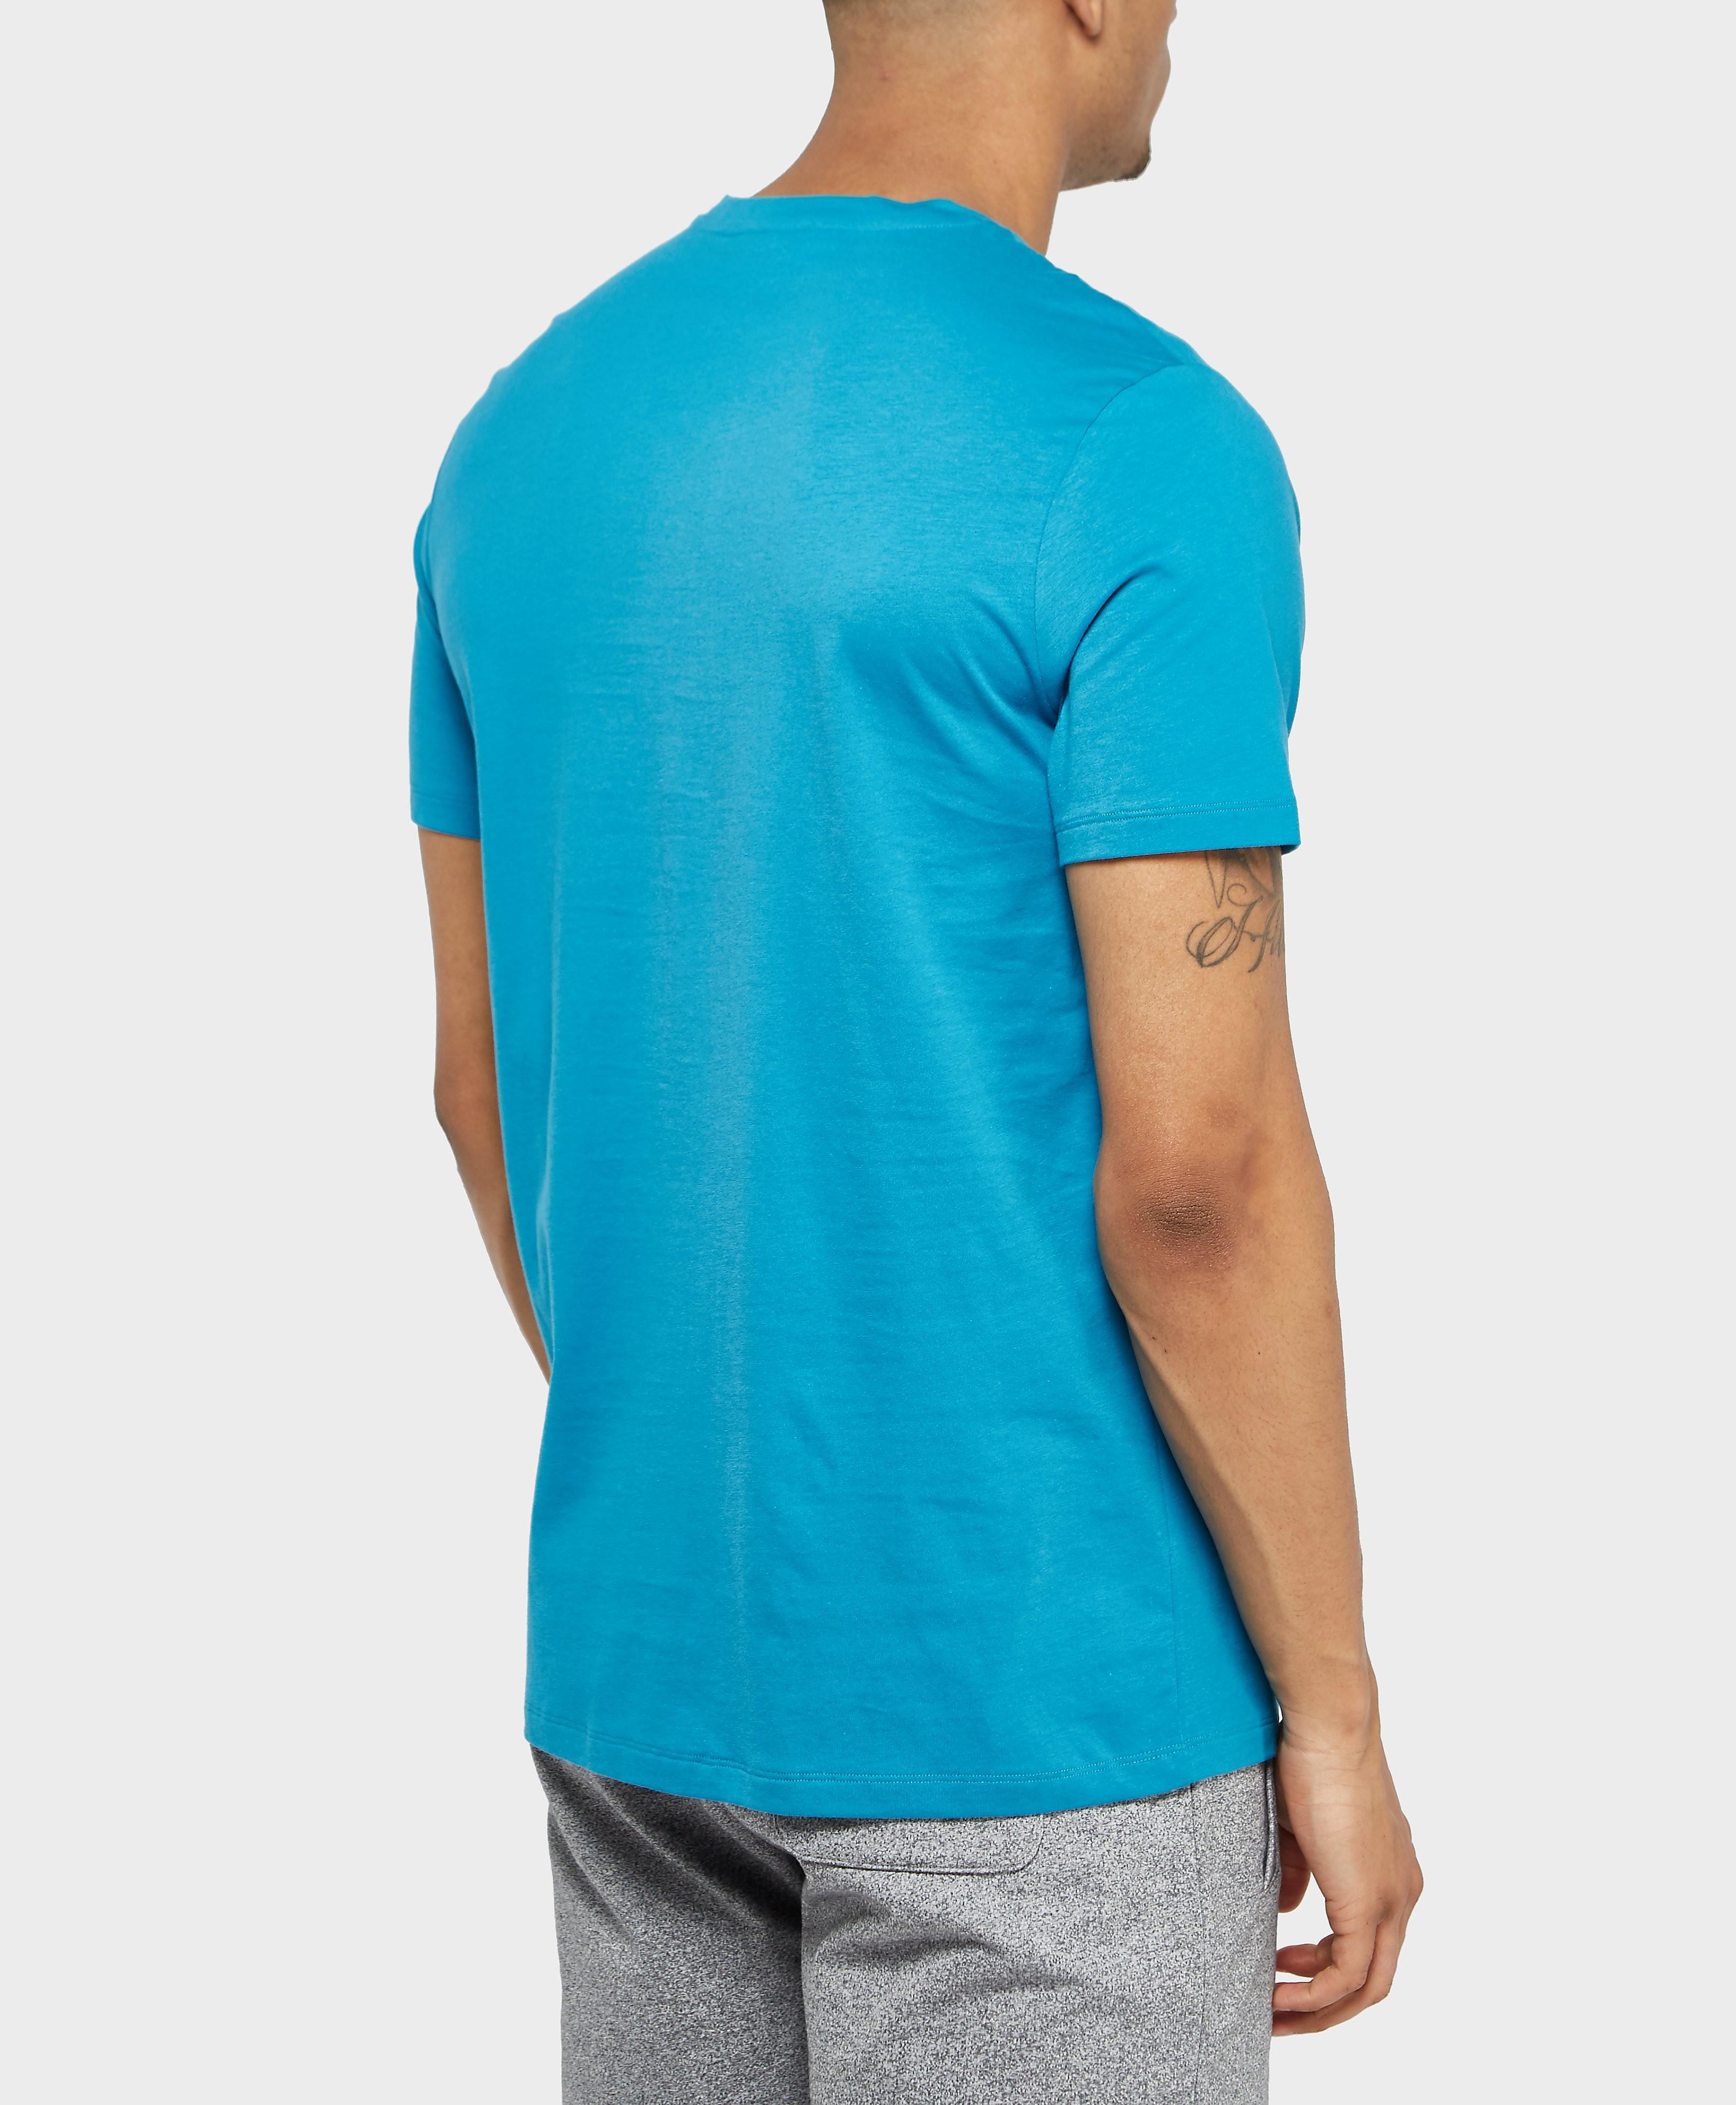 BOSS Tonal Crew Short Sleeve T-Shirt